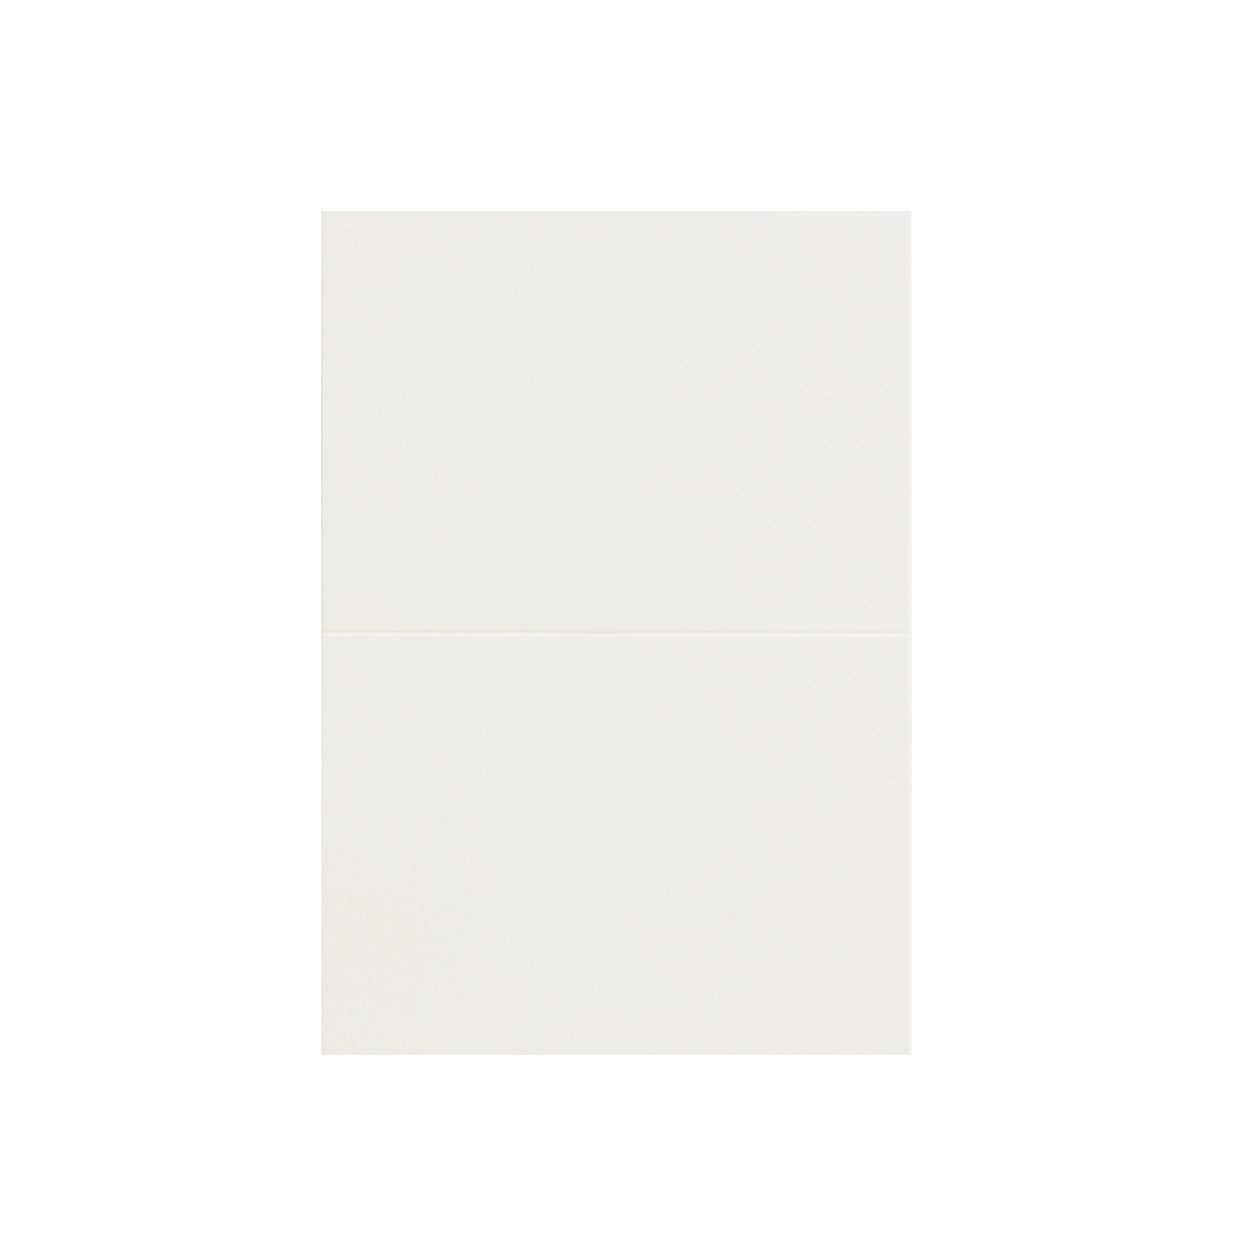 PVカード コットン スノーホワイト 232.8g